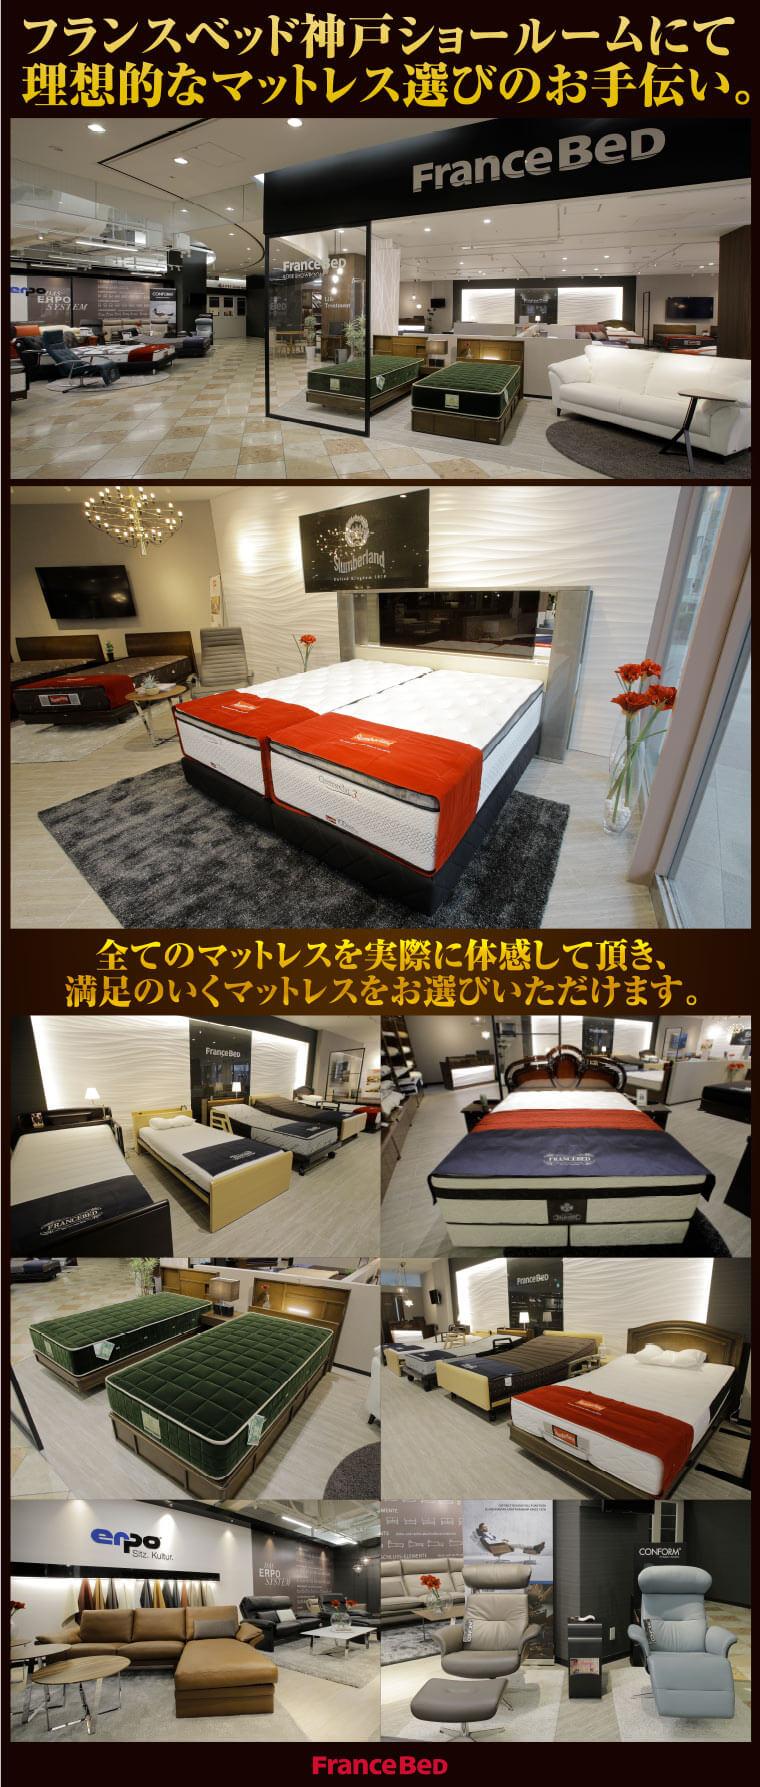 フランスベッド神戸ショールーム